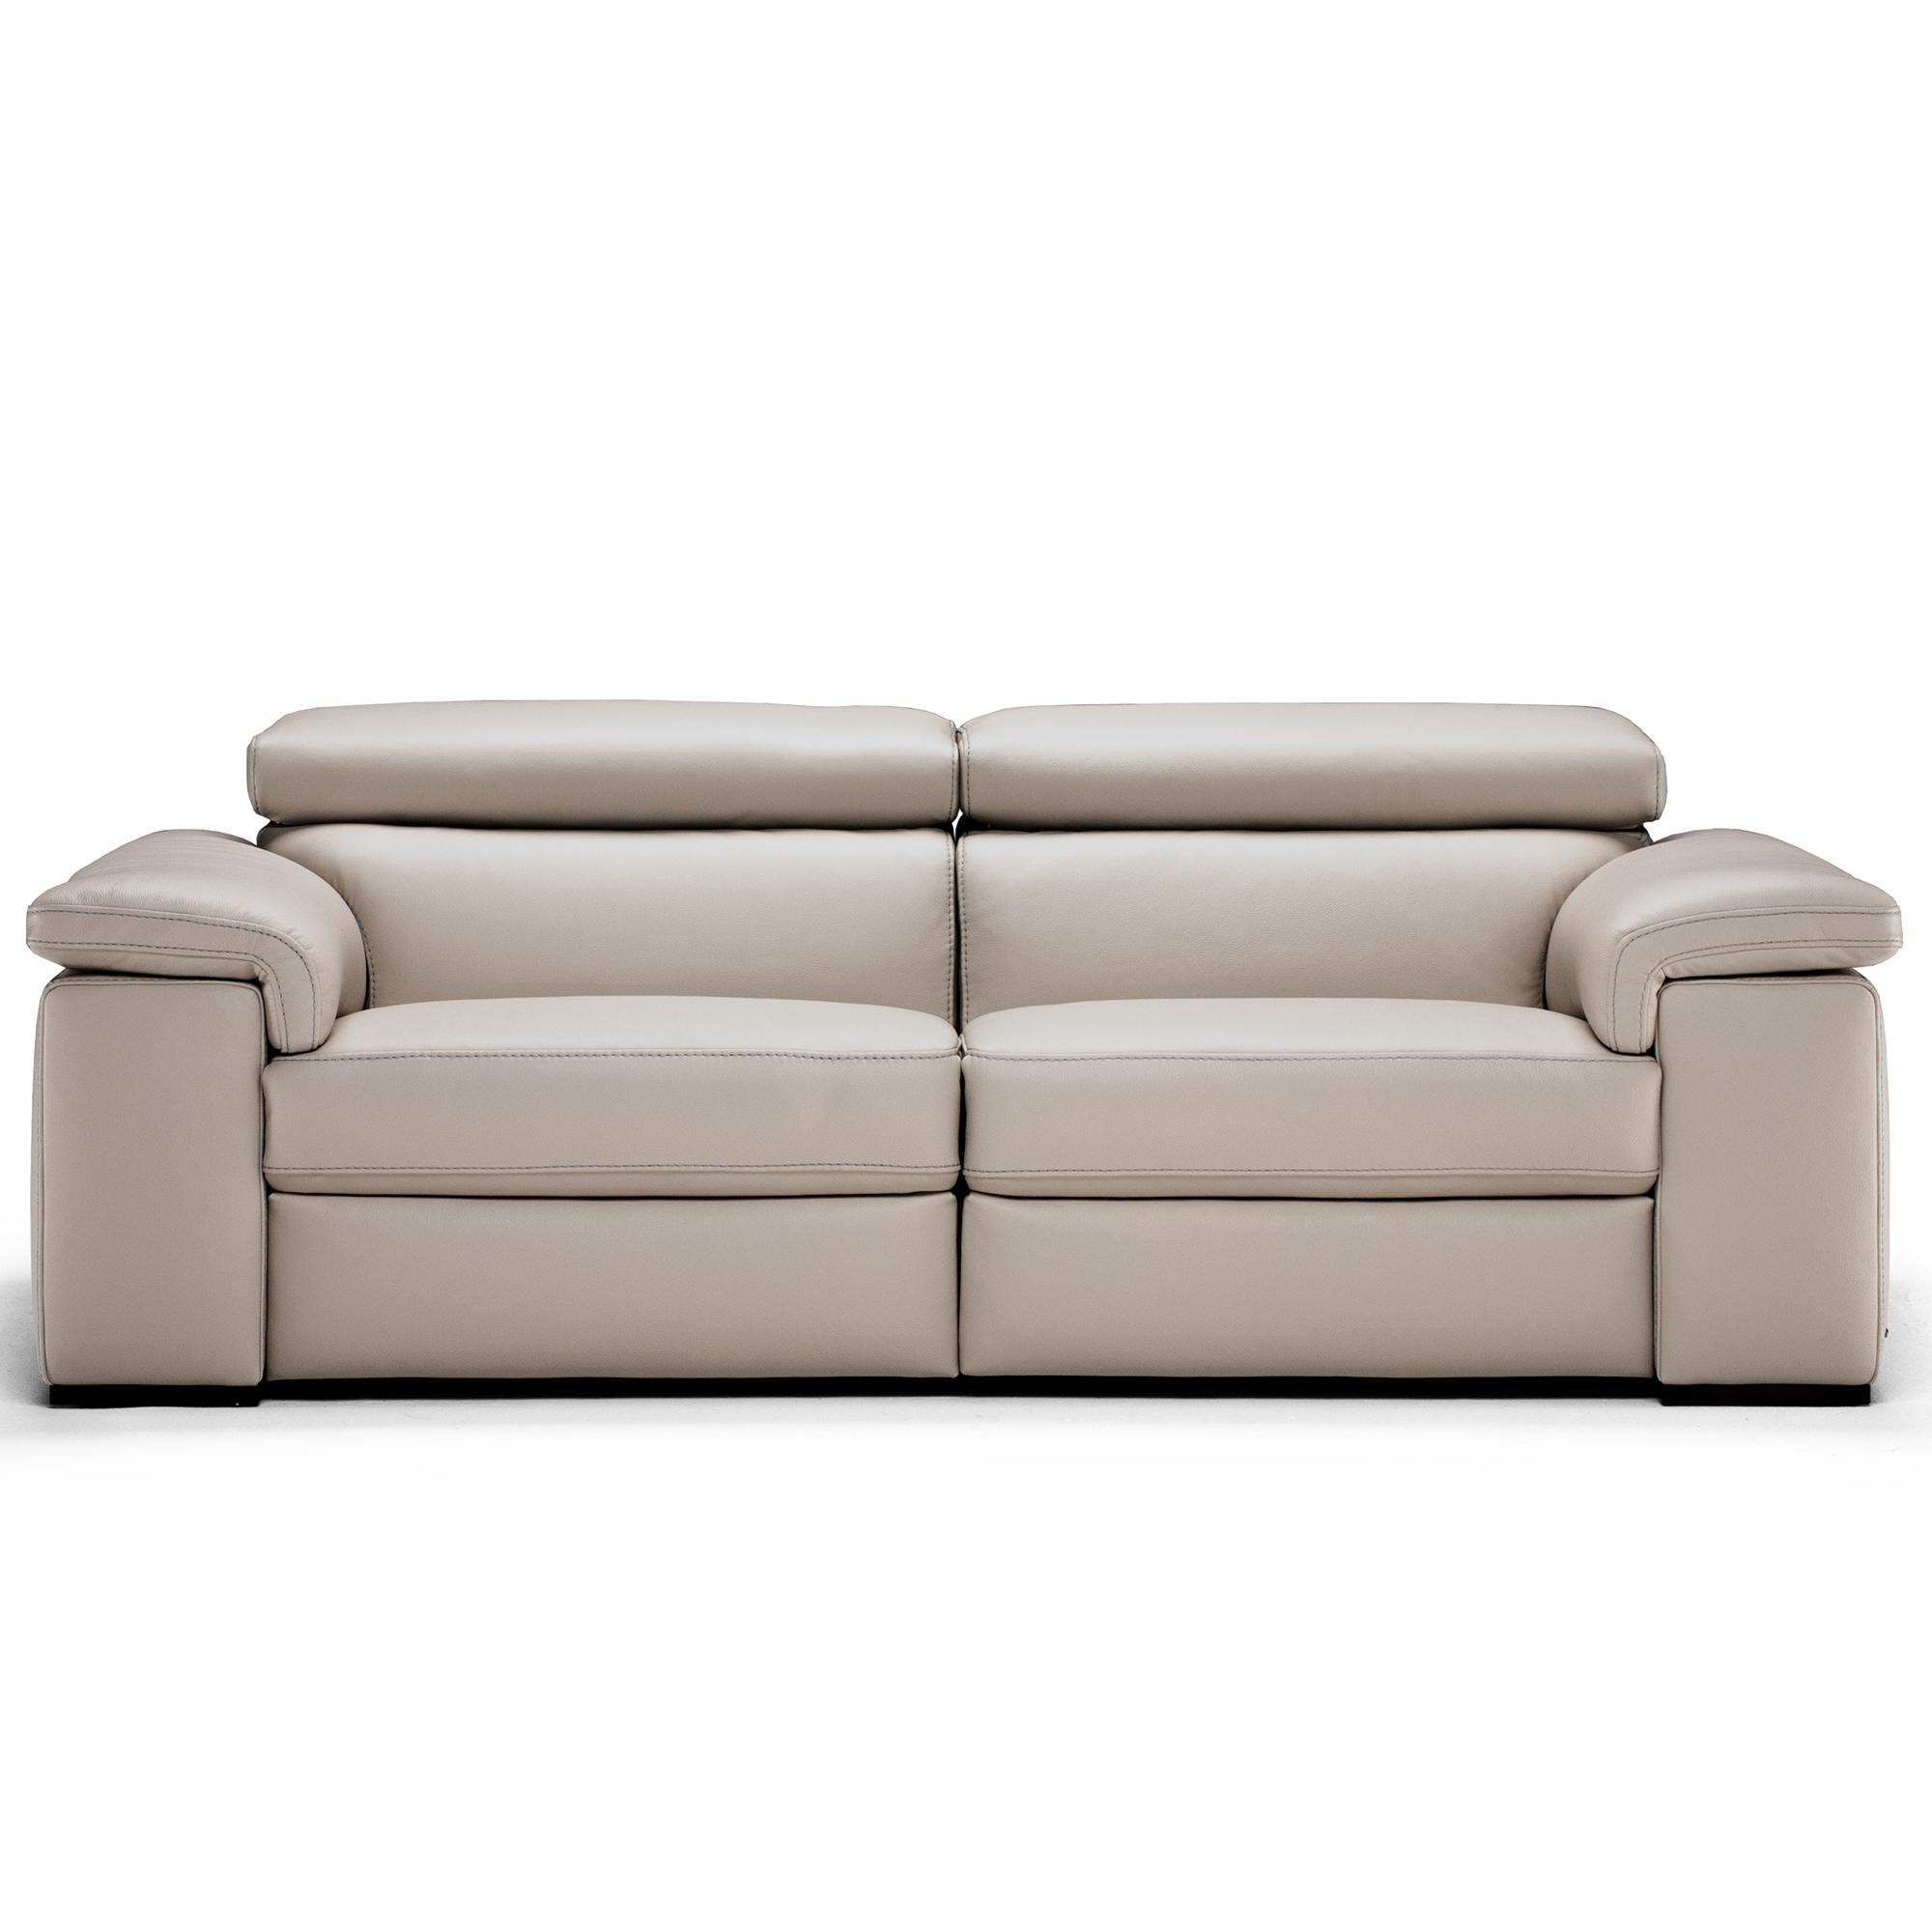 Natuzzi Editions Sardinia Large Sofa